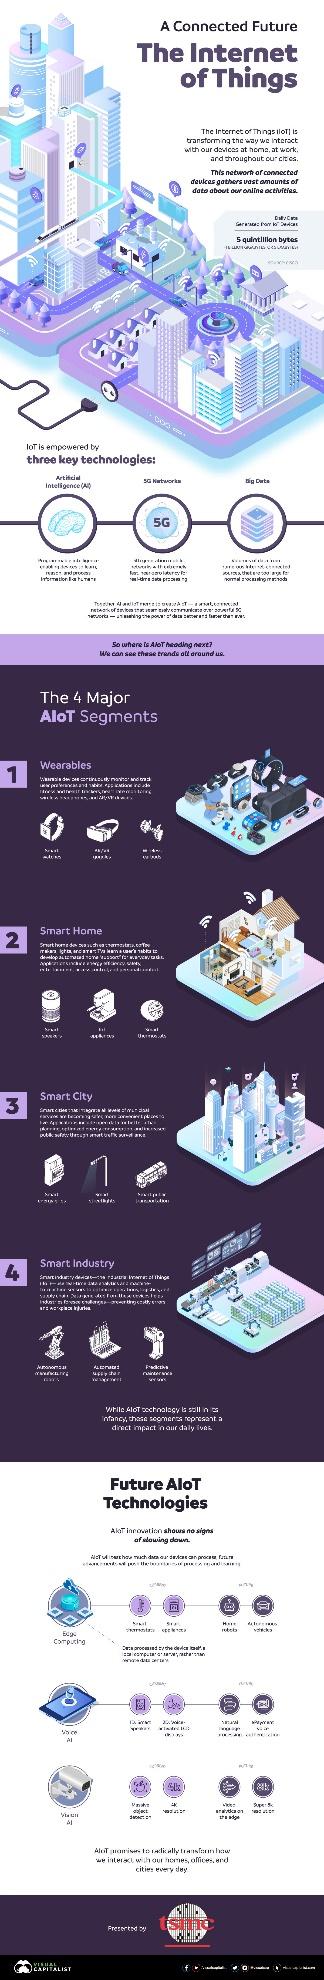 một đồ họa thông tin cho thấy Internet of Things đang biến đổi cách chúng ta tương tác với các thiết bị ở nhà, tại cơ quan và khắp các thành phố của chúng ta như thế nào